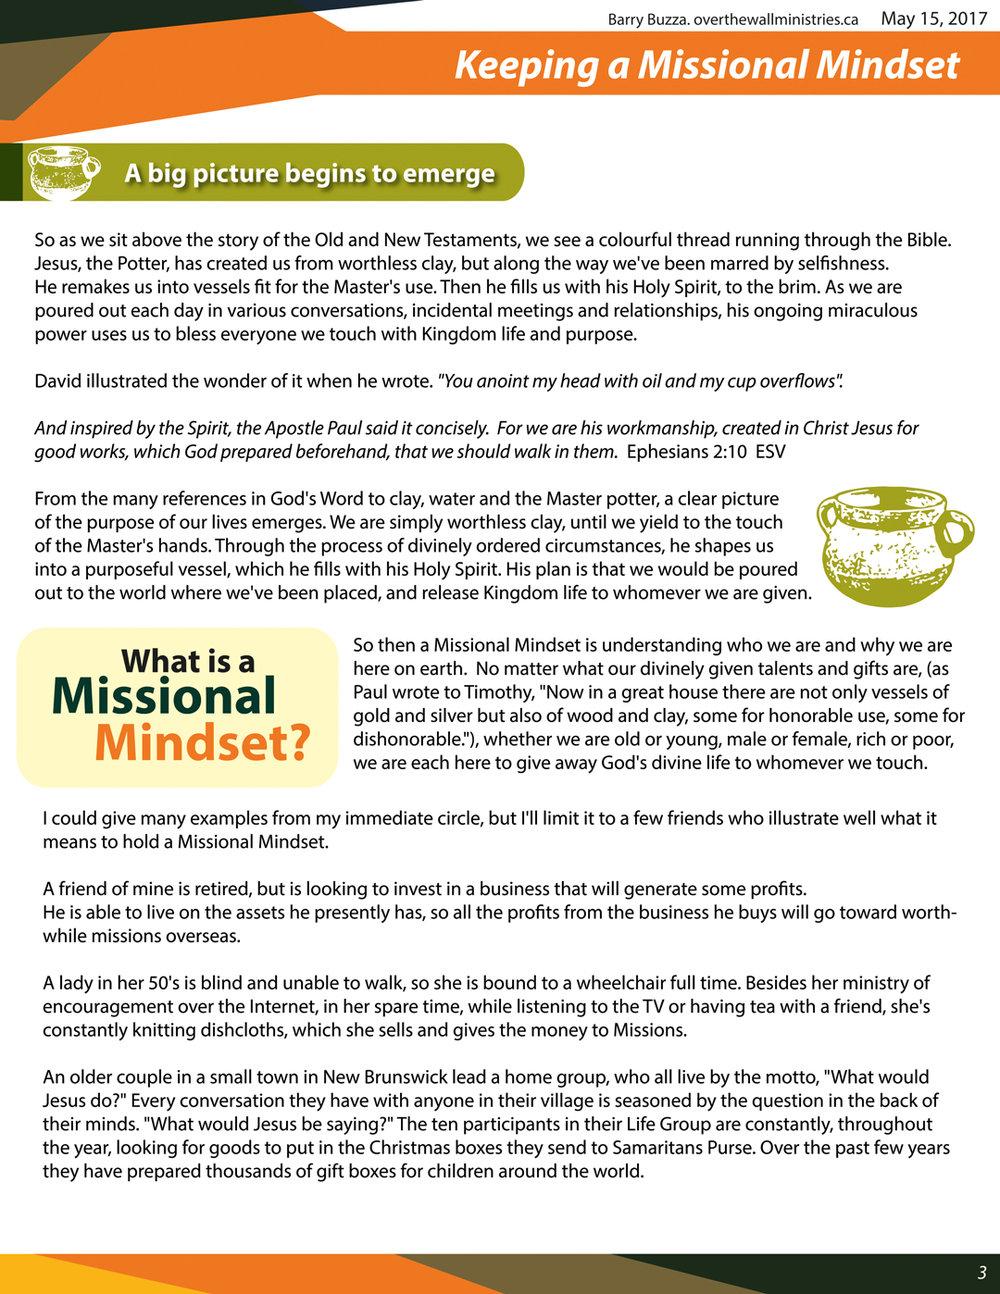 #3_keeping-a-missional-mindset_PG3.jpg